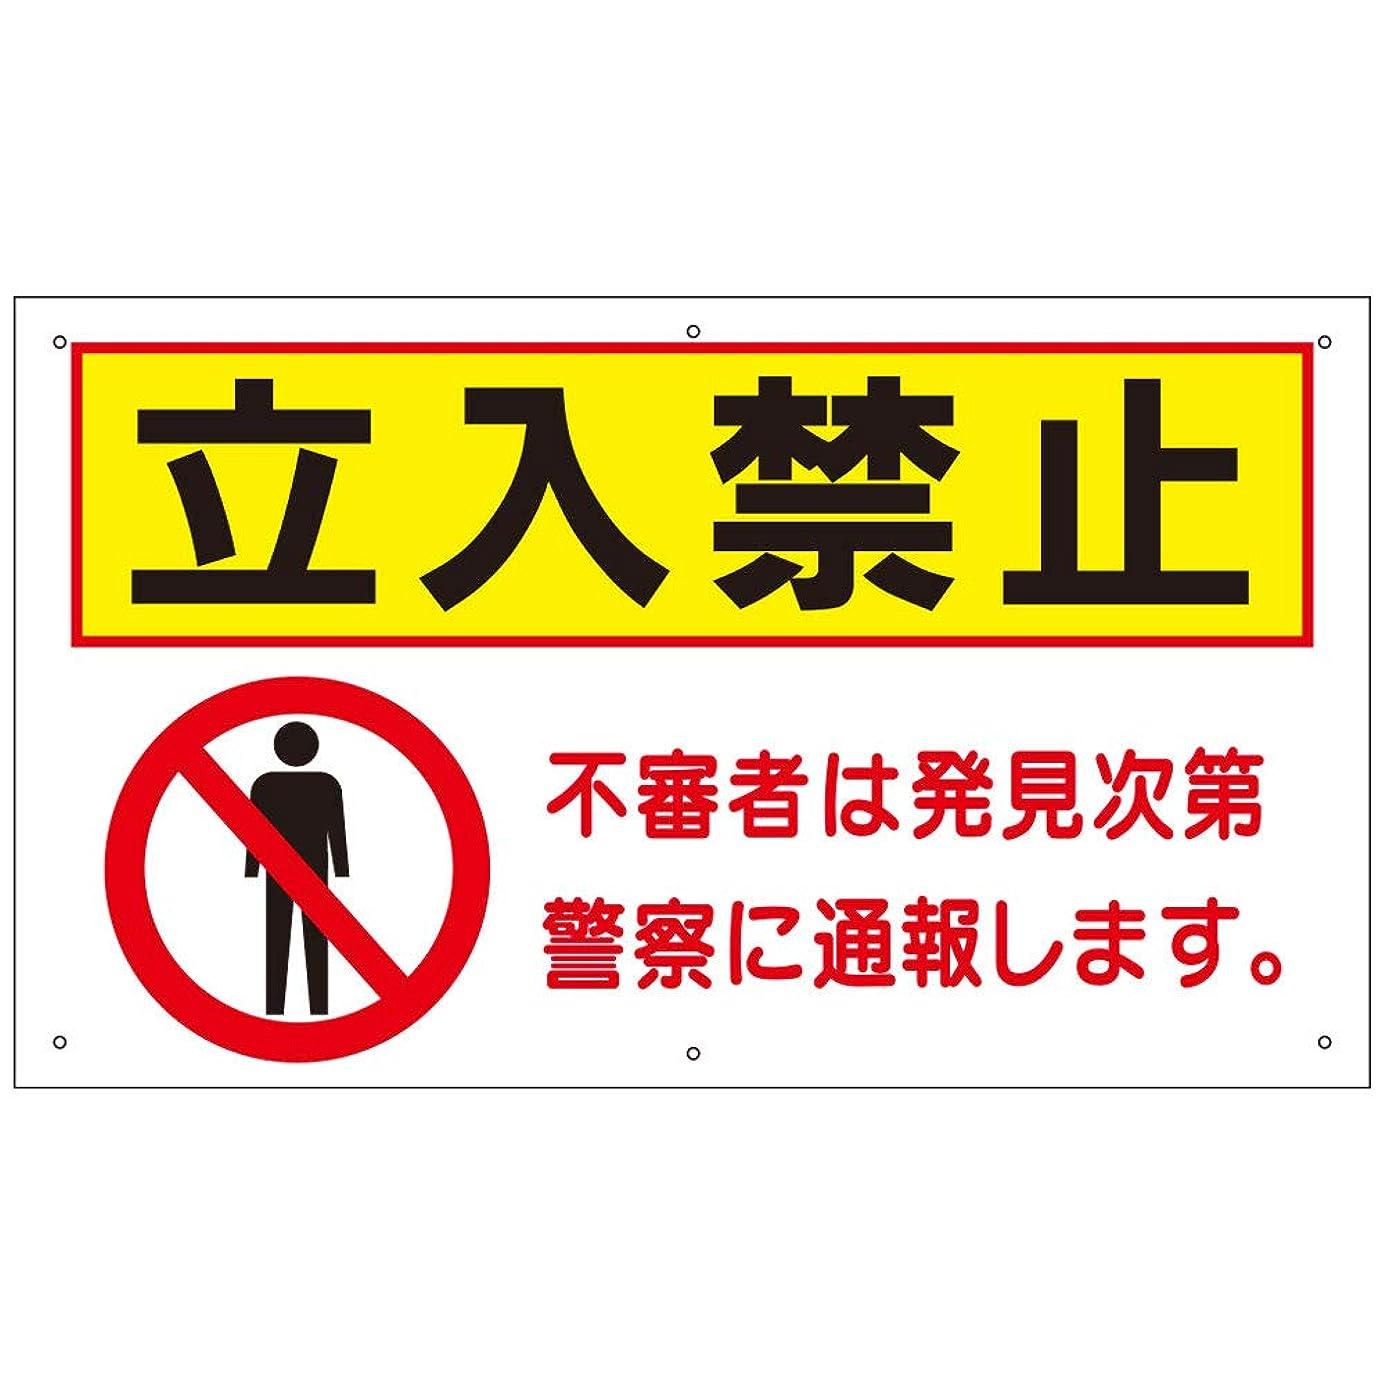 かご同盟汚れた立入禁止 看板 立ち入り禁止 不法侵入 不審者 無断立入 警察へ通報 立ち入り /TO-32A